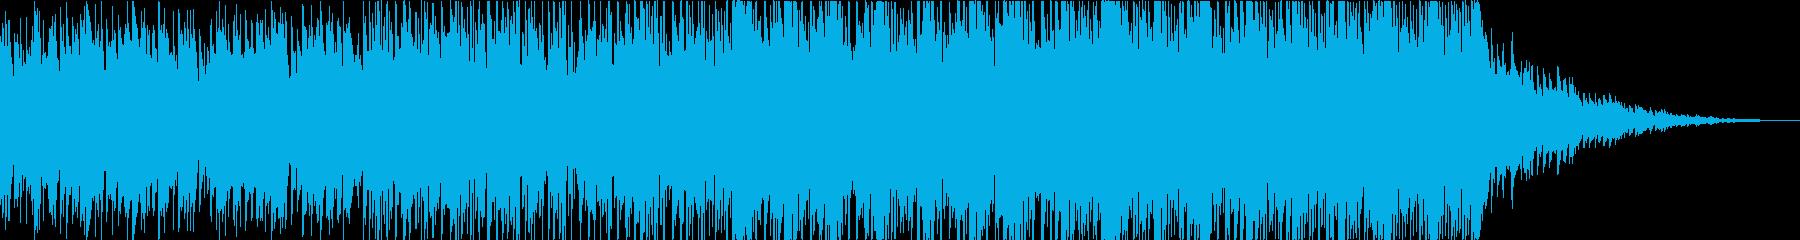 【サントラ・CM】深海を歩くBGMの再生済みの波形